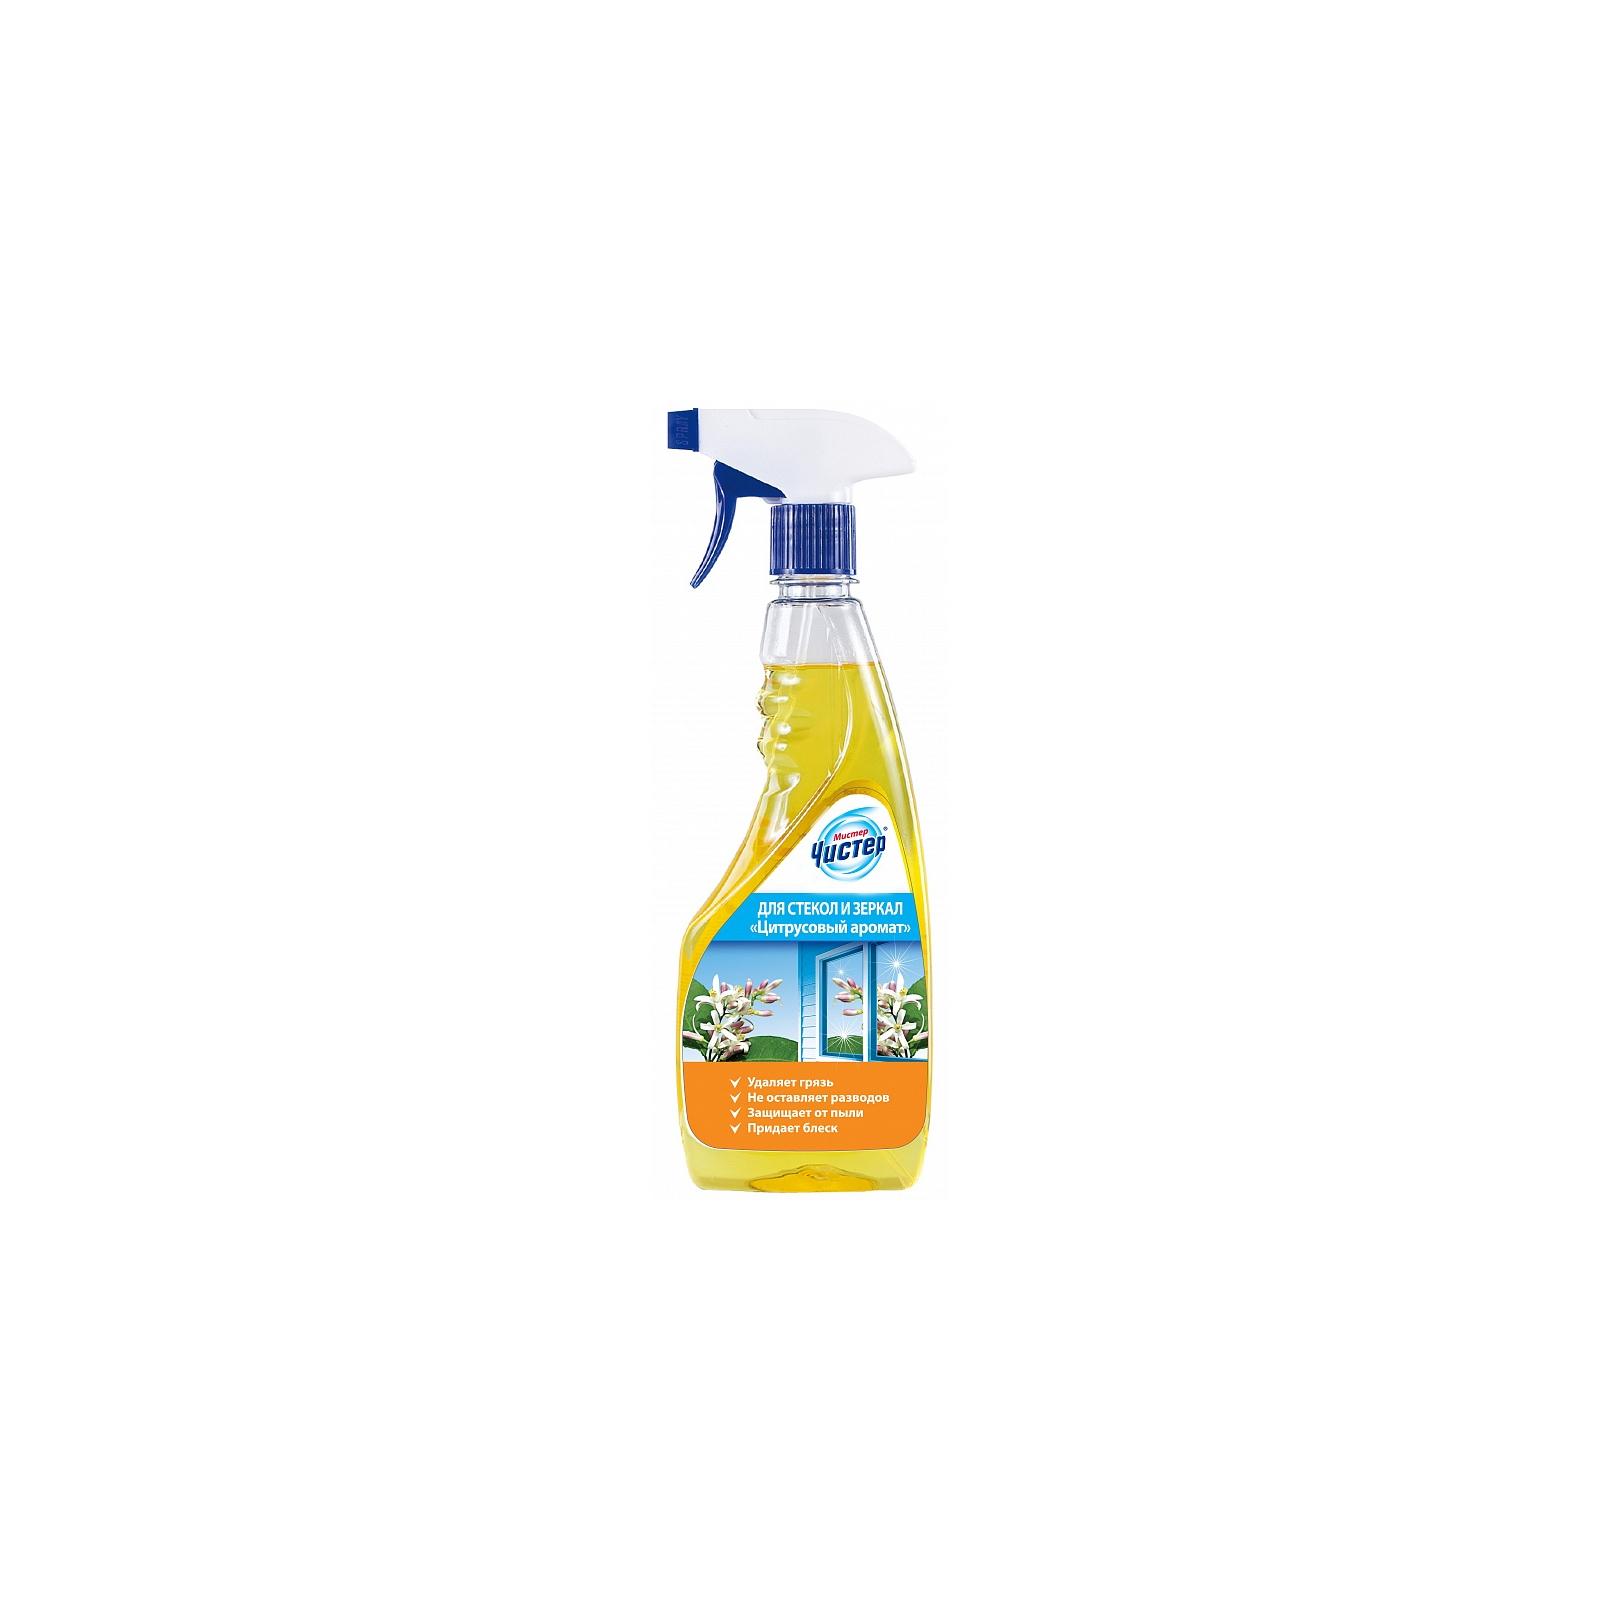 Моющая жидкость для уборки Мистер Чистер для стекол Цитрусовый аромат 500 мл (4820026413358)